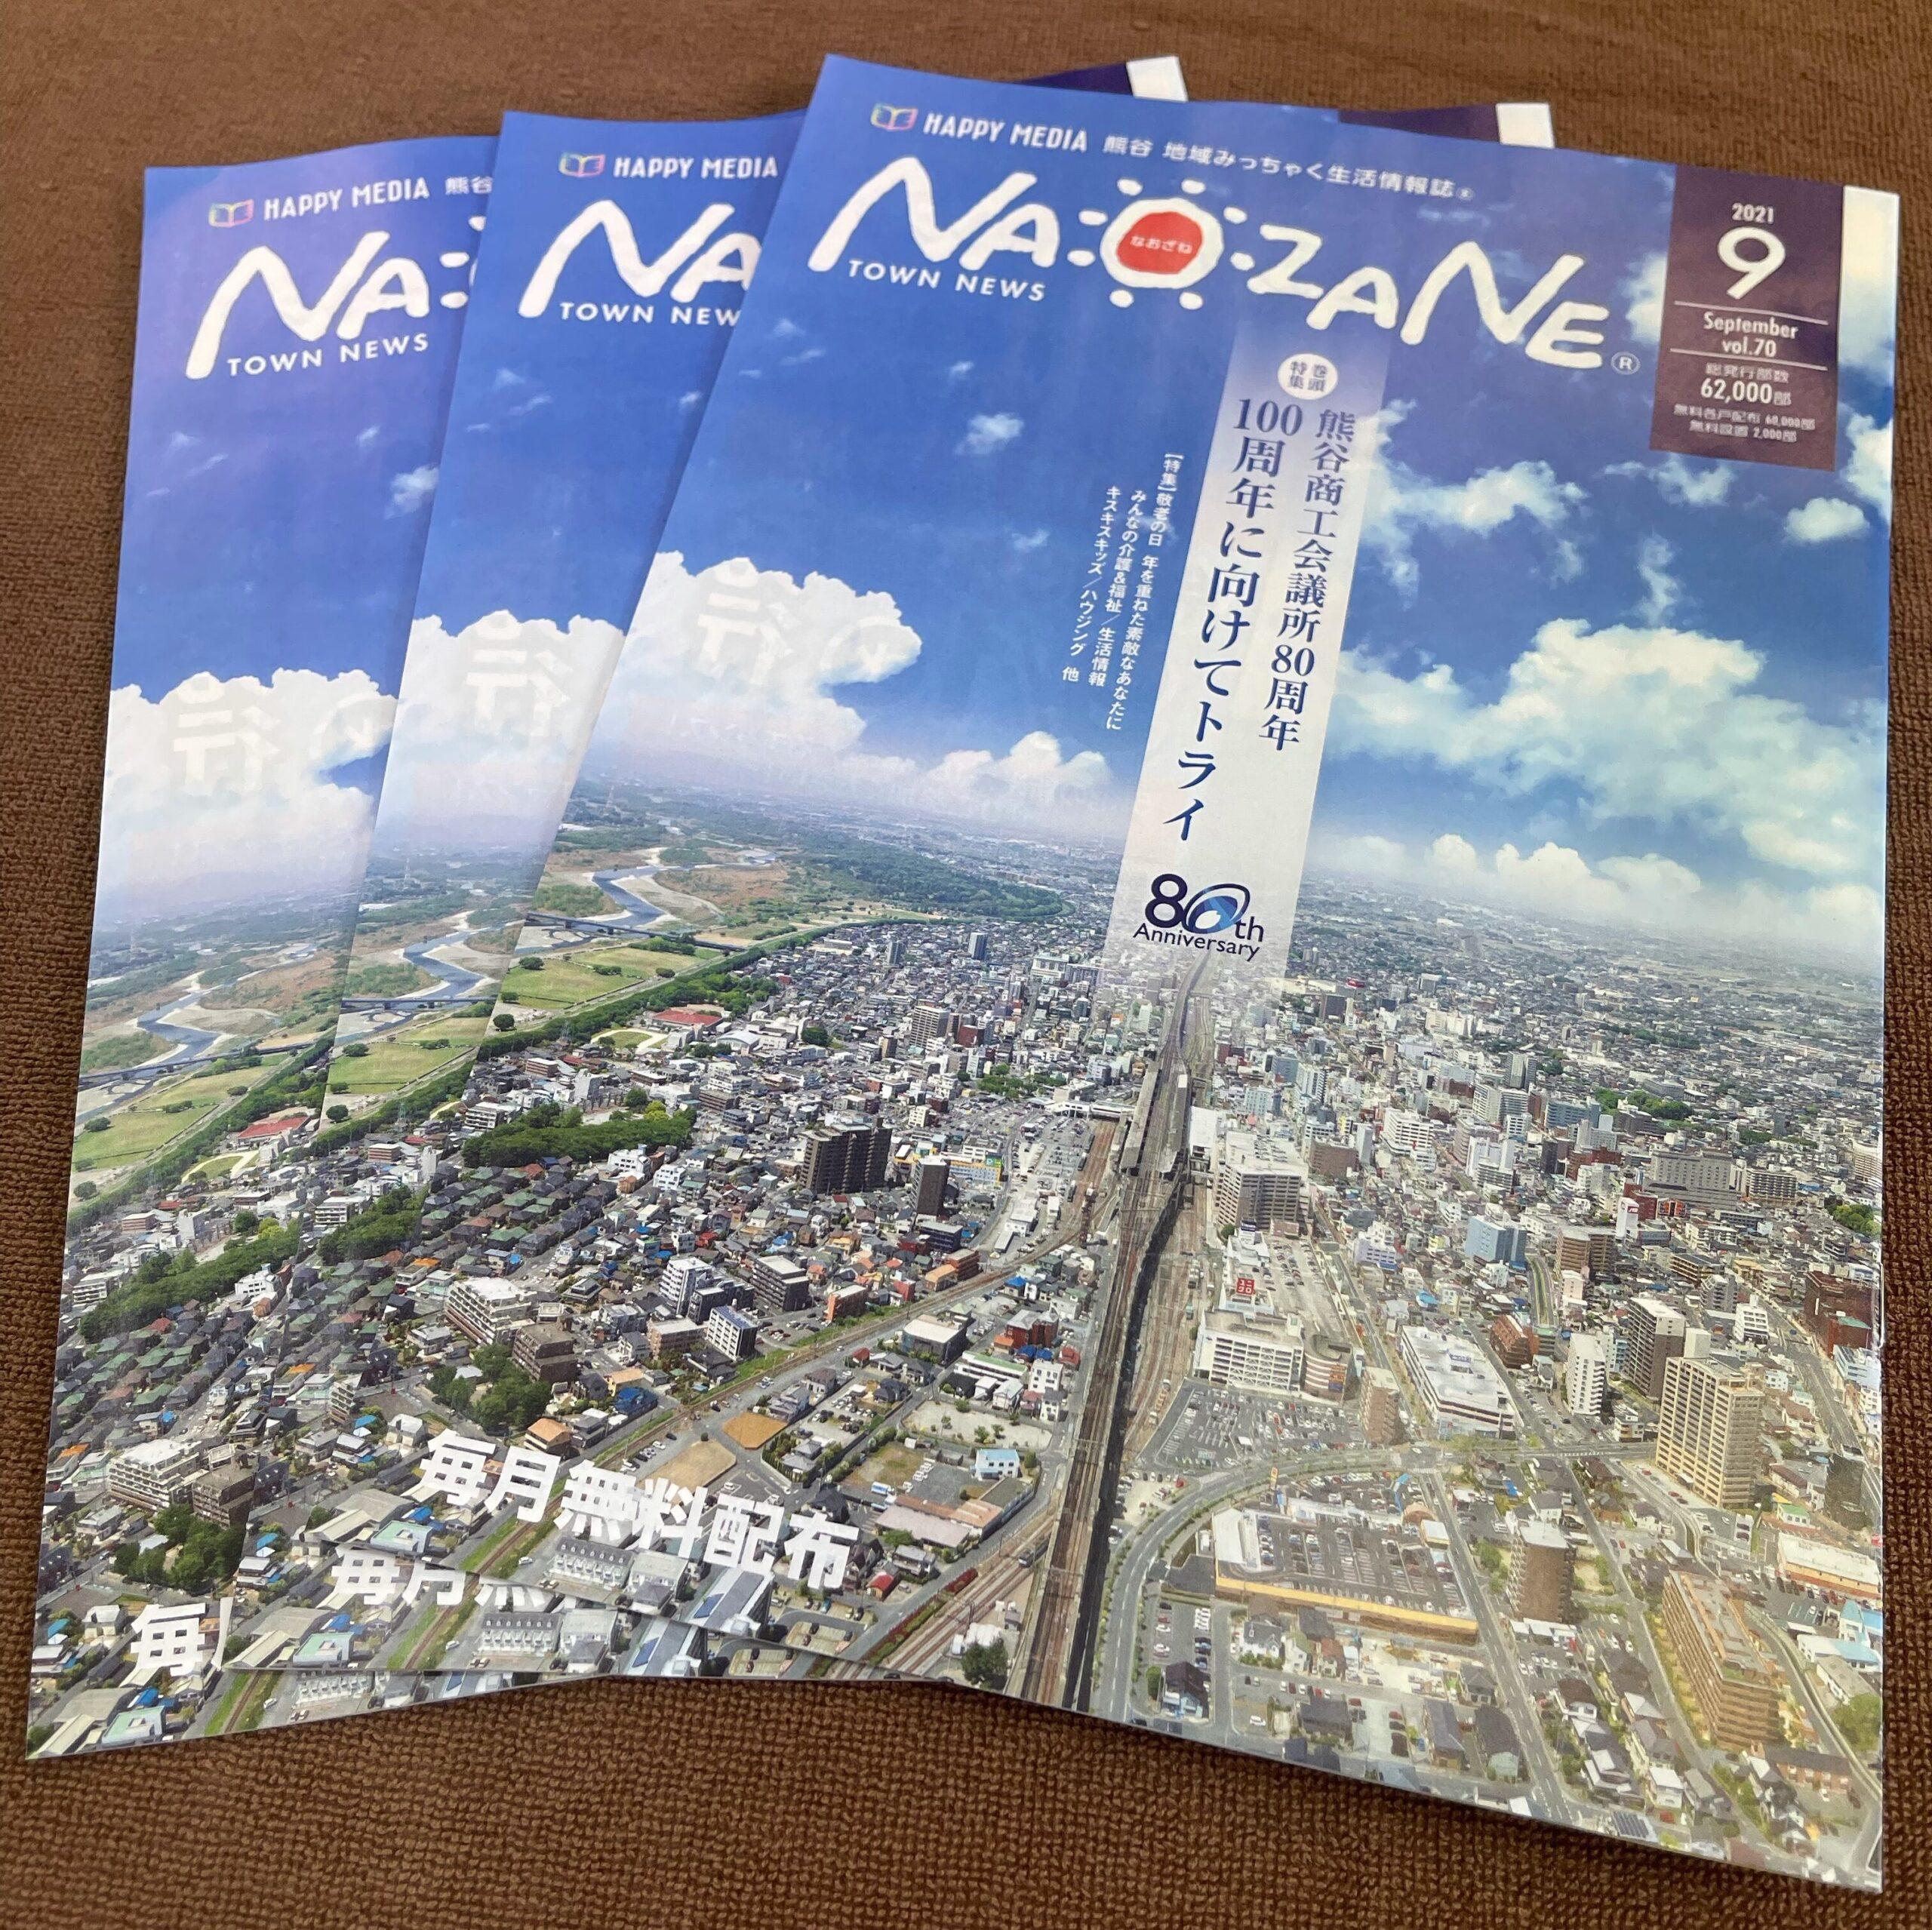 情報誌NAOZANE9月号の敬老の日特集に埼玉県熊谷市石原にある整体サロン『コンディショニングサロンHarmonia』のオトクな情報が掲載されています。